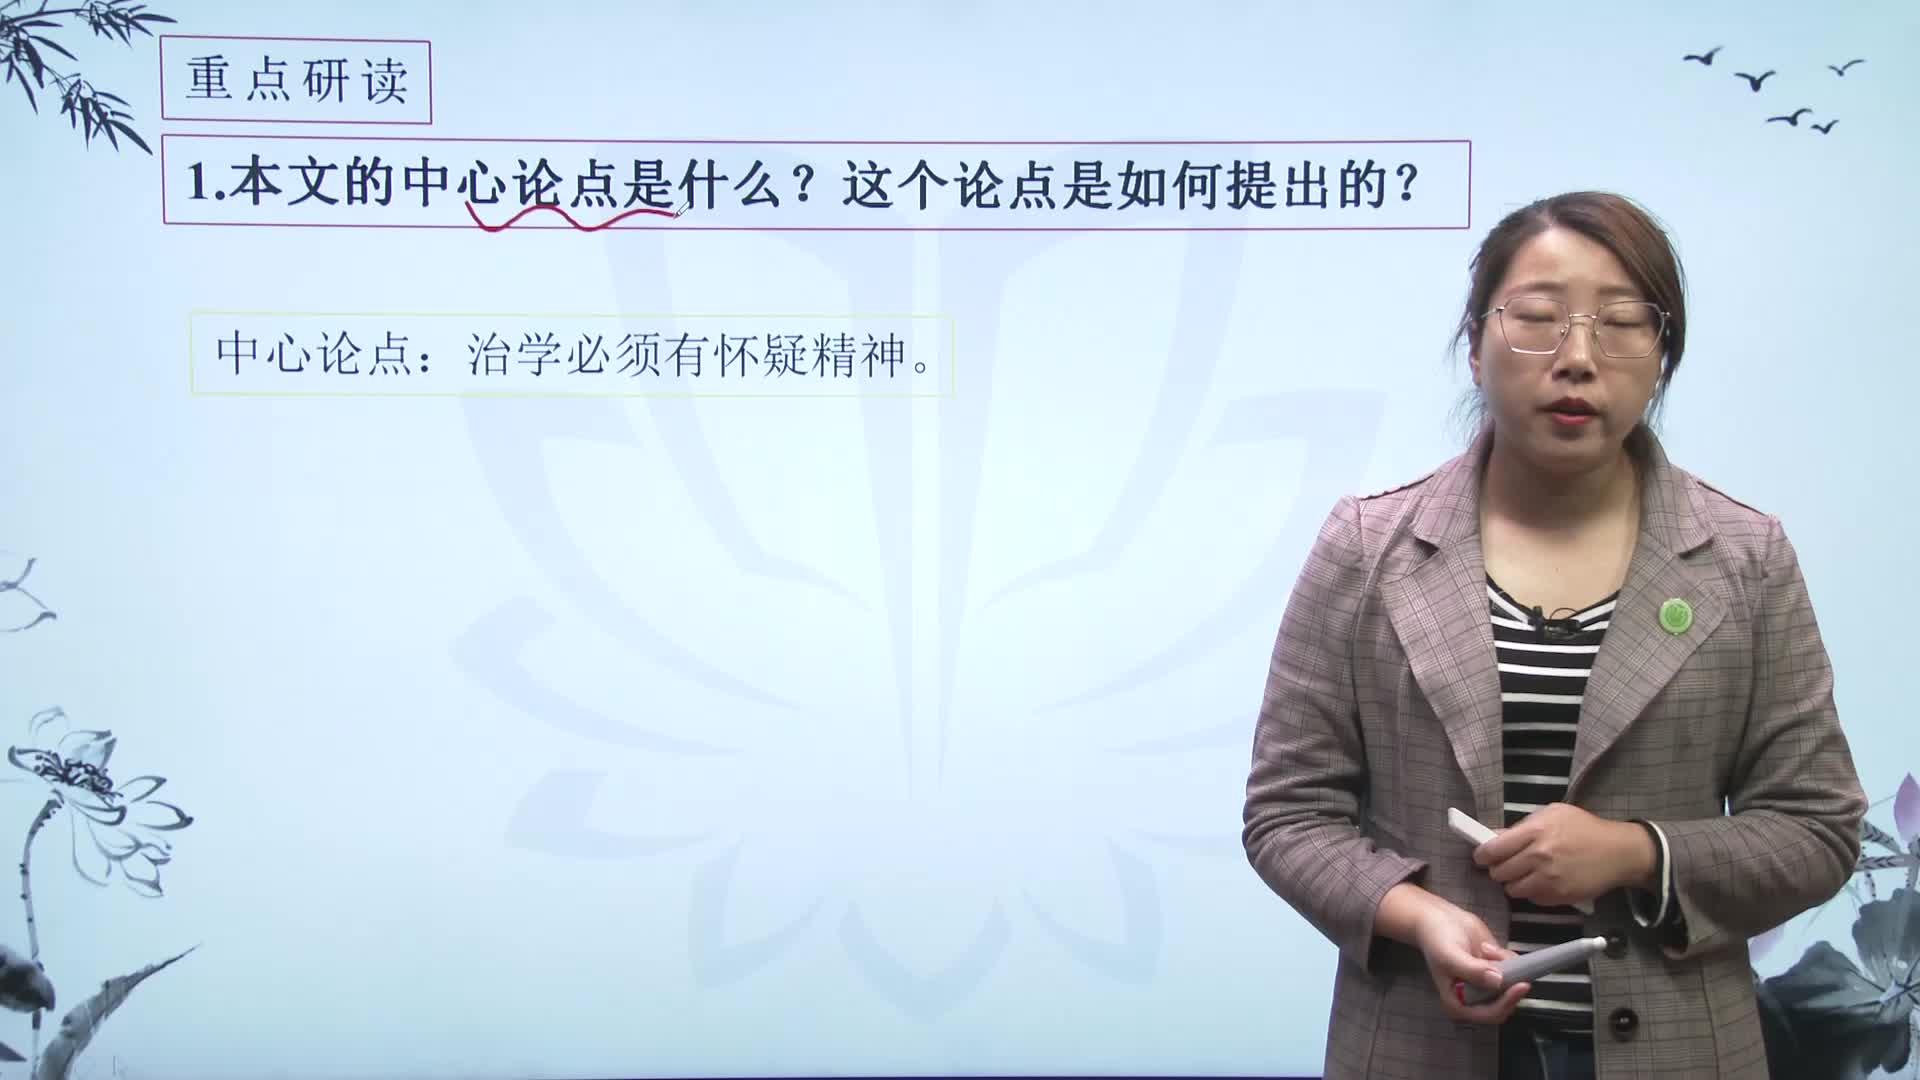 视频5.18.2怀疑与学问-【慕联】初中完全同步系列新编人教版(部编版)钱柜手机网页版九年级上册